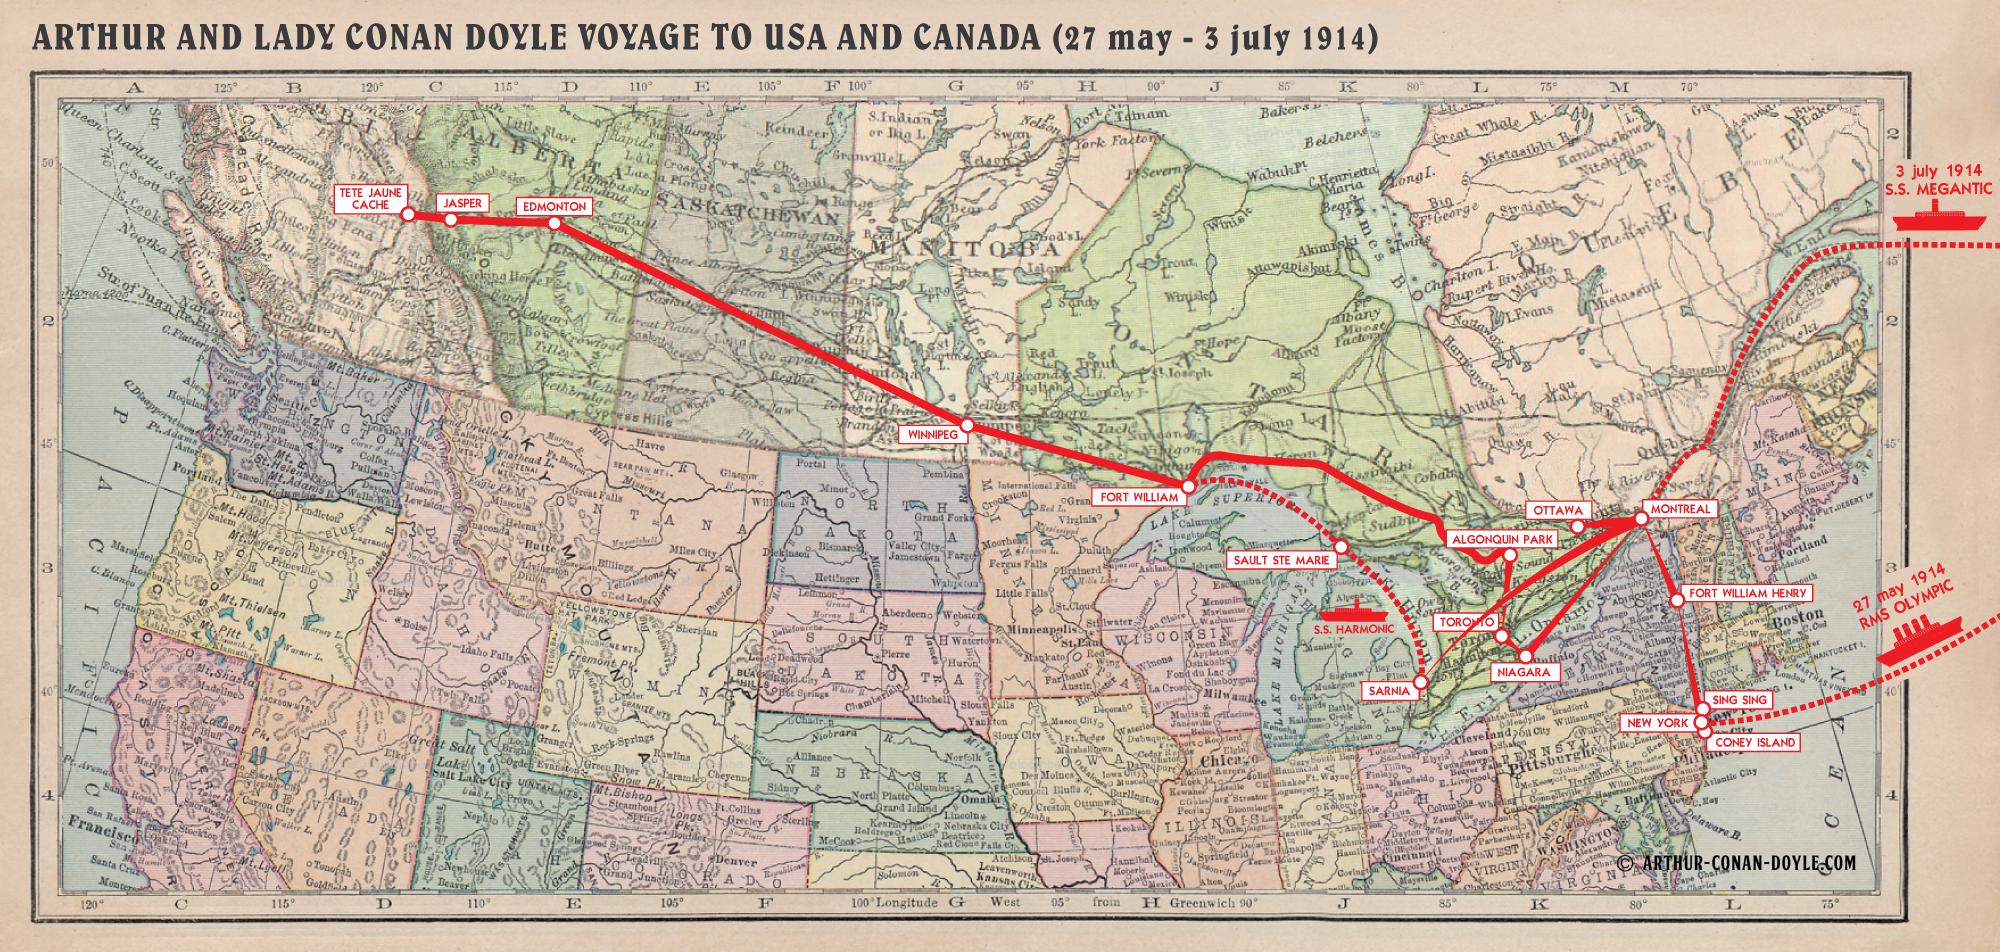 FileMapusacanadajpg The Arthur Conan Doyle Encyclopedia - Map usa and canada